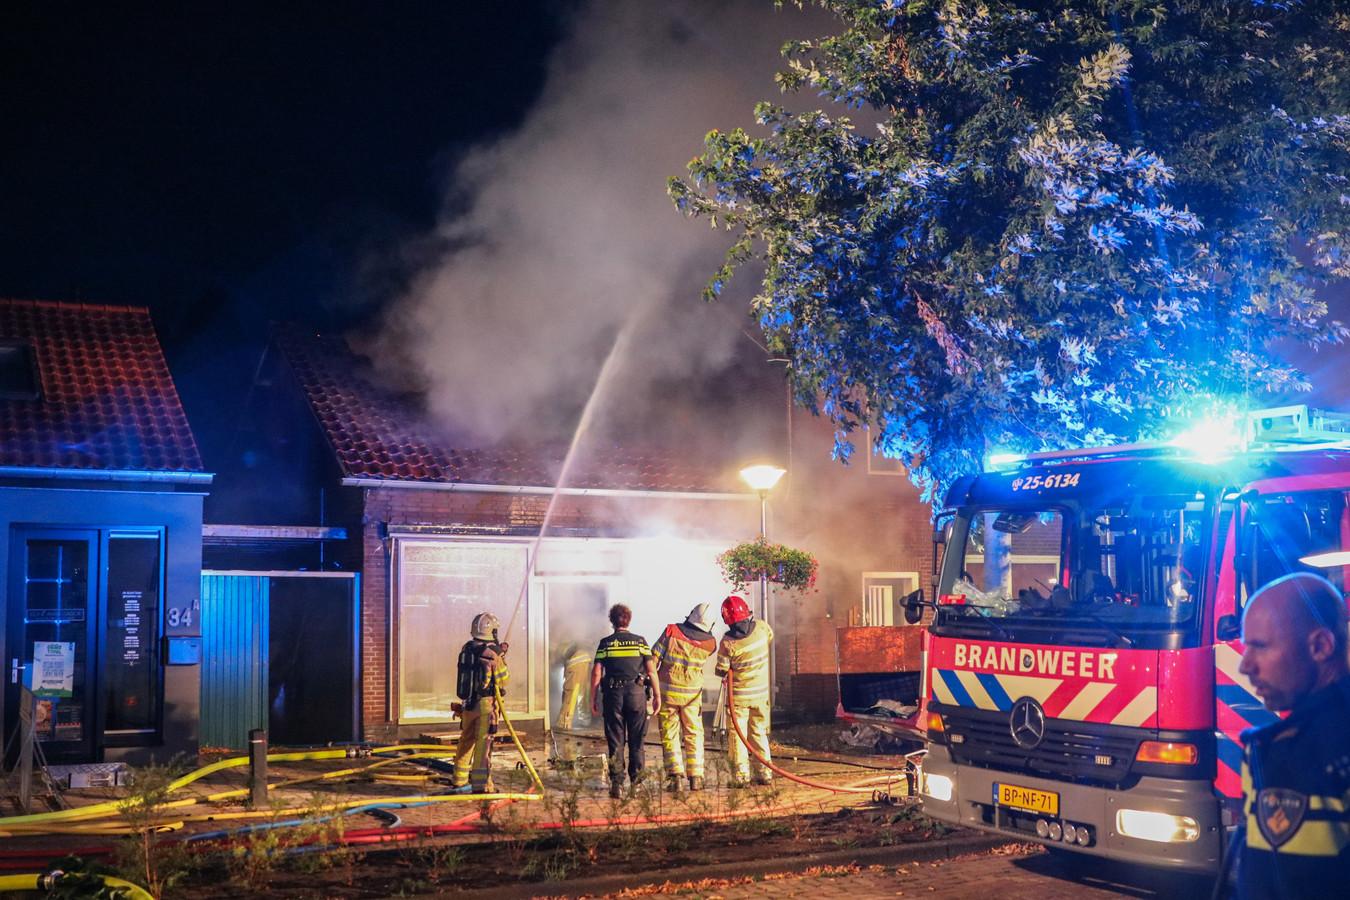 De brandweer blust de brand in Kraggenburg